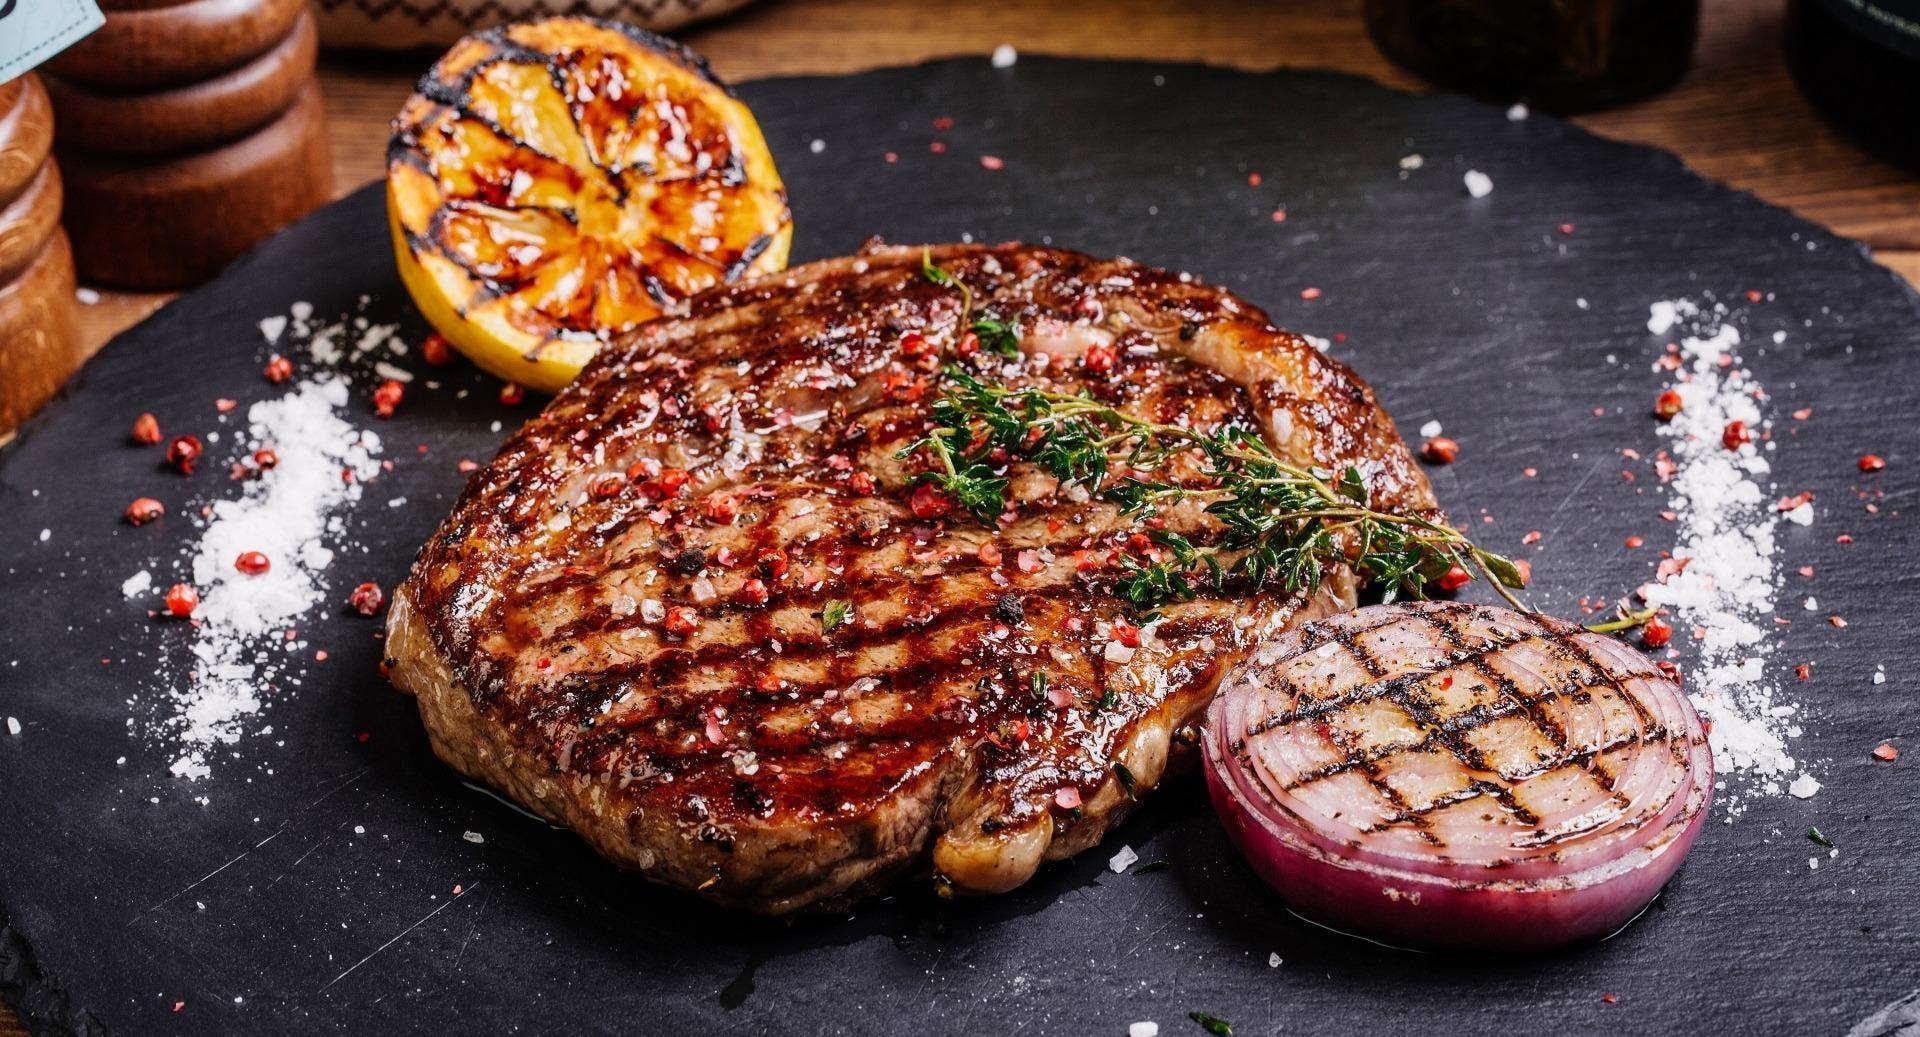 Steaks Aus Aller Welt Cologne image 1